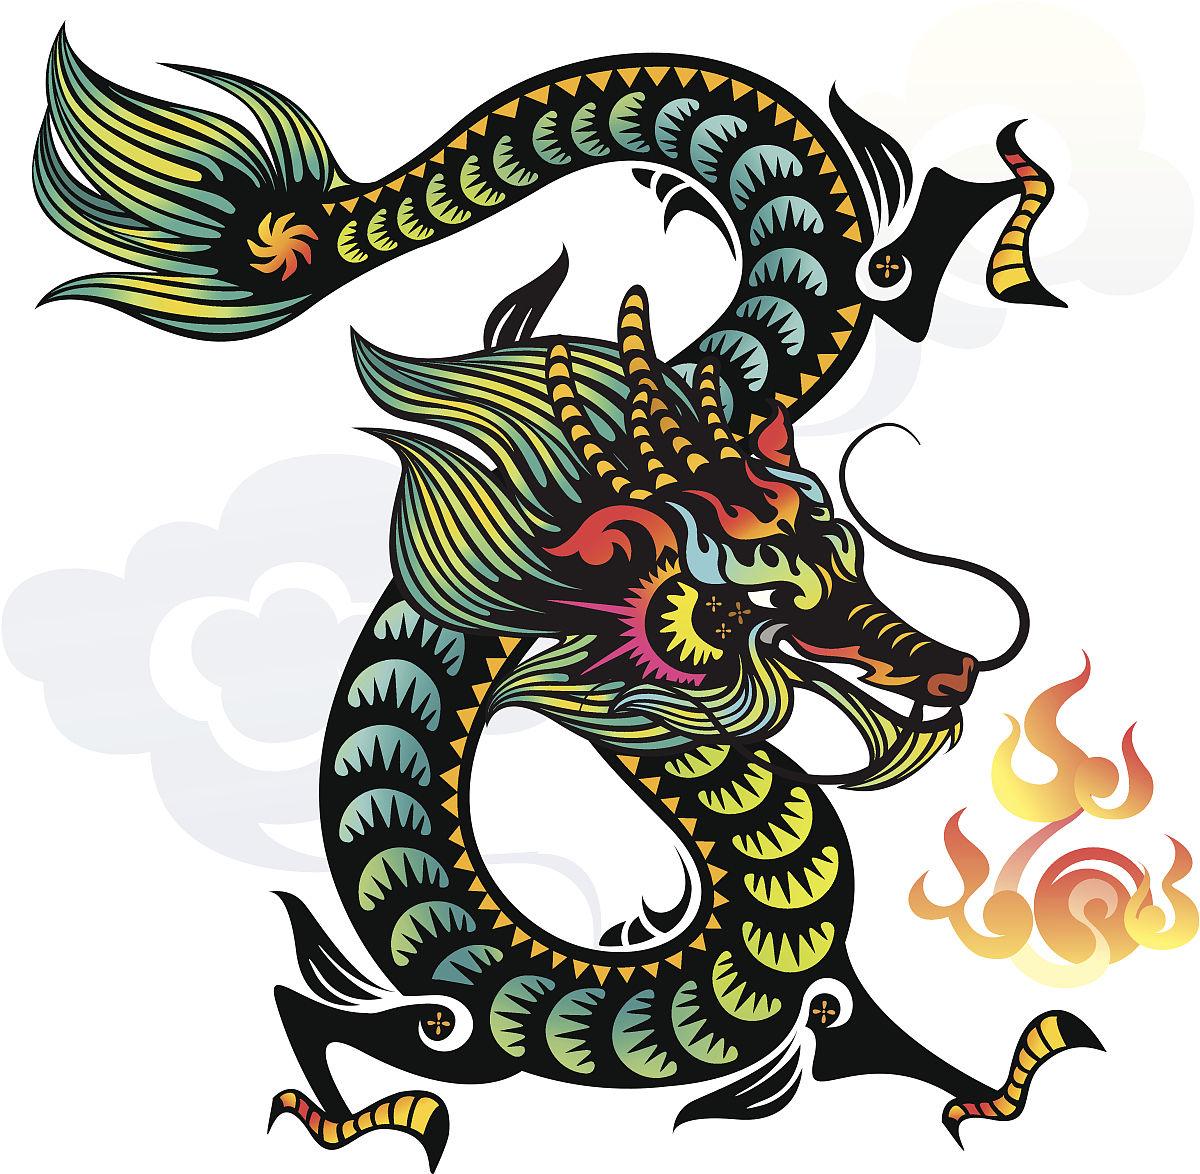 幻想,动物,春节,远古的,中国文化,龙,美术工艺,艺术,手艺,十二宫图图片